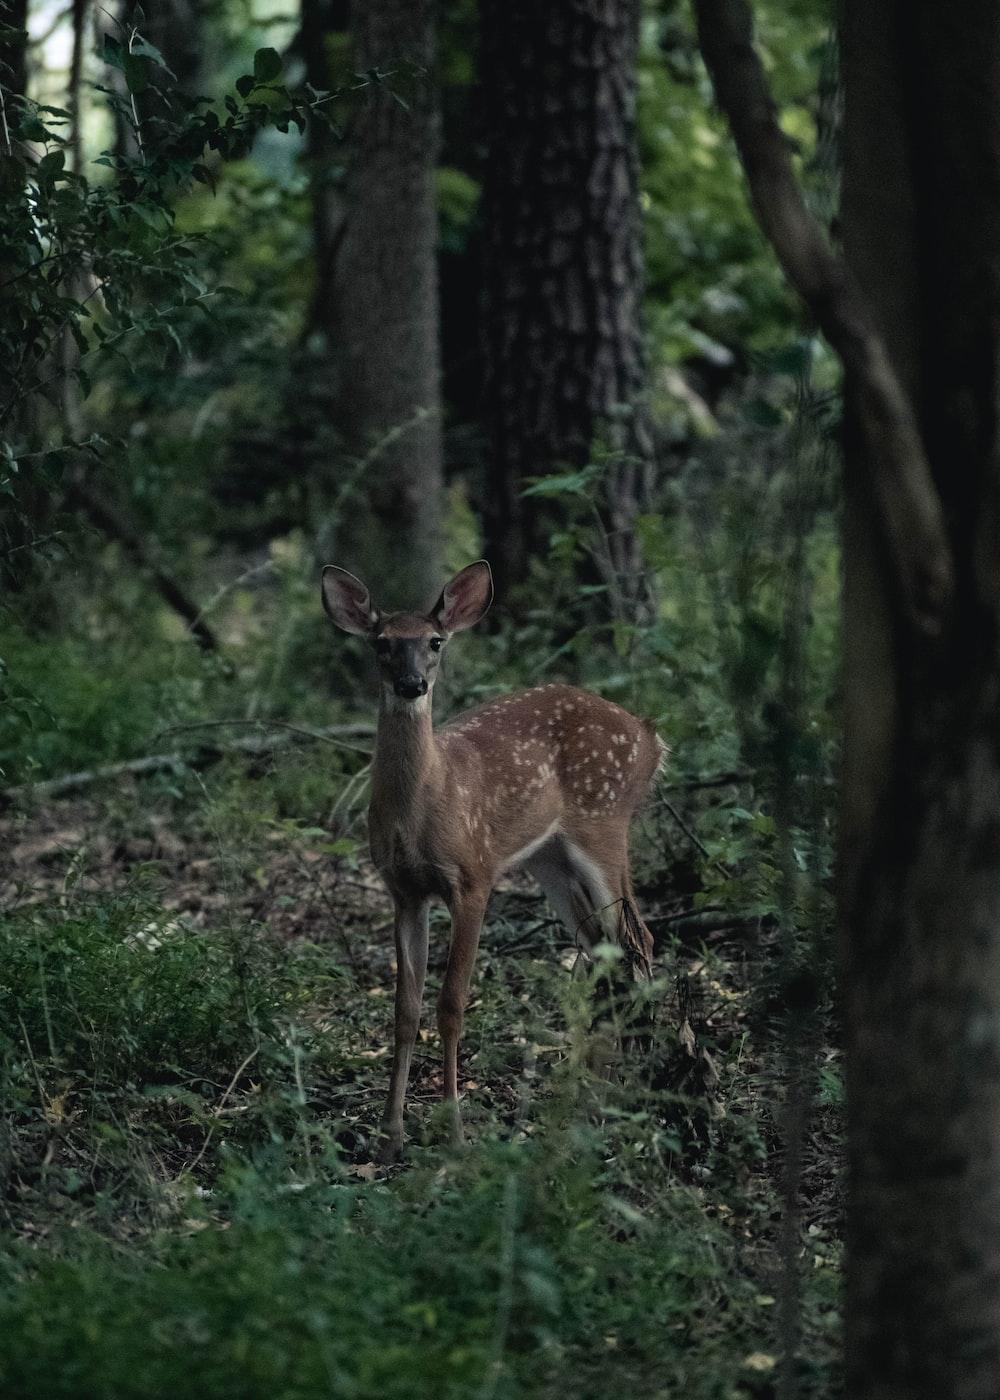 brown deer on green plants